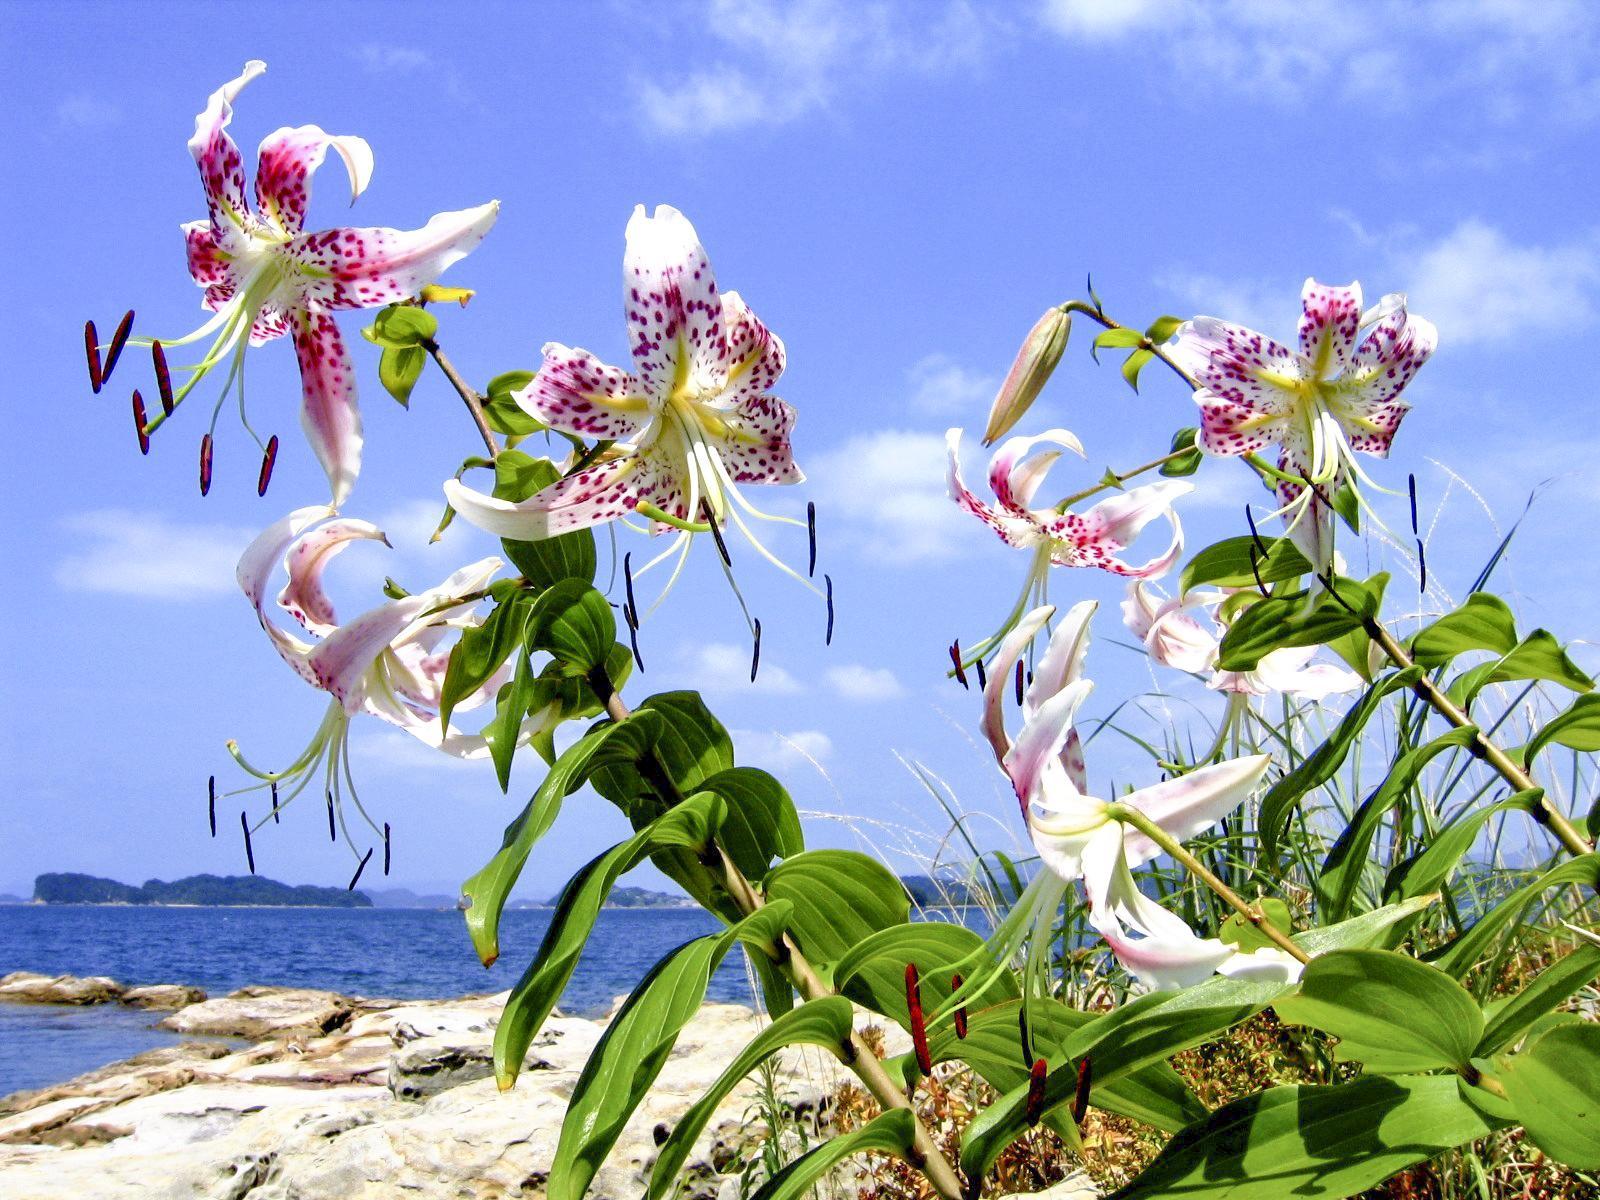 希少な動植物のすまう「西海国立公園」 自然を守るマナー&注意点をチェック!-0